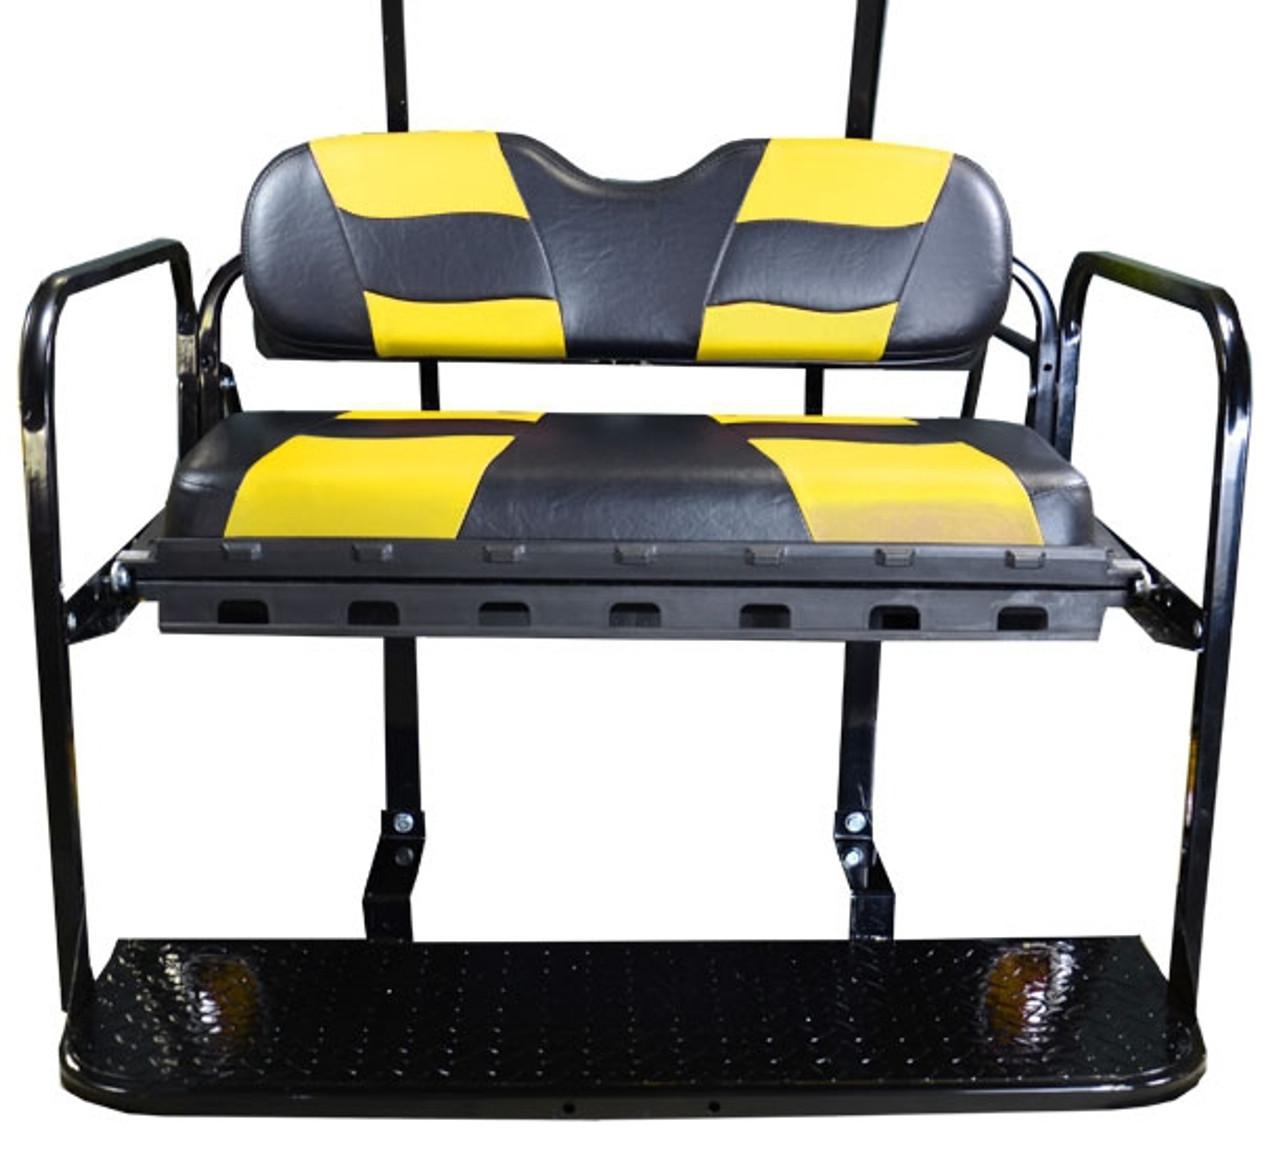 Madjax Golf Cart Parts & Accessories - Shop at DIY Golf Cart on e-z-go golf cart parts, club car golf cart parts, jake's golf cart parts, franklin golf cart parts, yamaha golf cart parts, nivel golf cart parts,